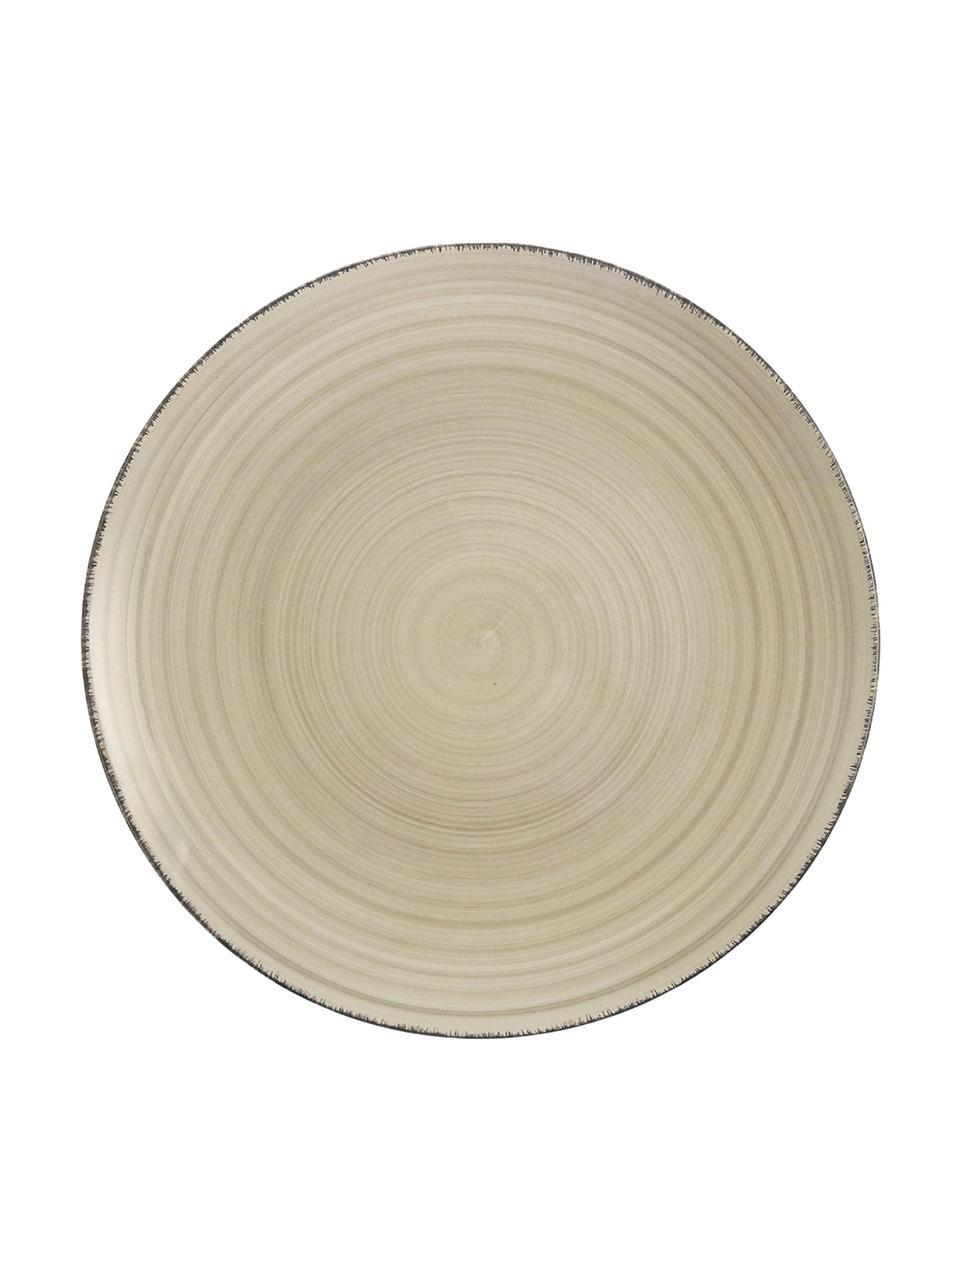 Handbemalte Frühstücksteller Baita in Greige, 6 Stück, Steingut (Dolomitstein), handbemalt, Greige, Ø 20 cm